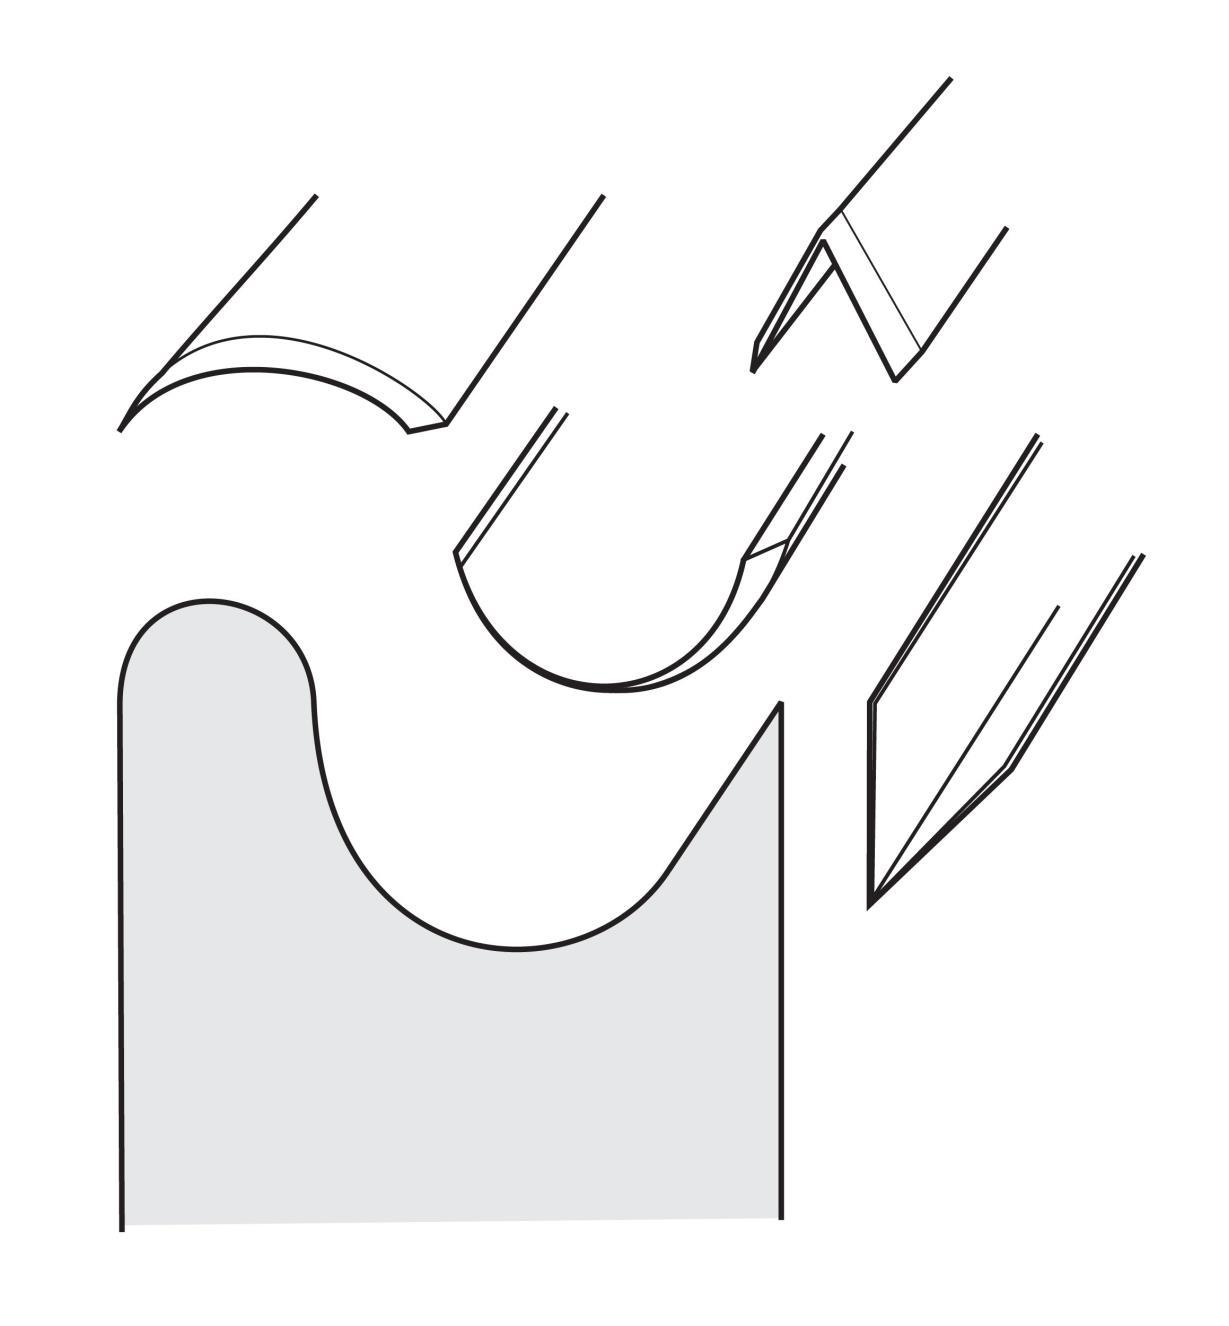 08M4203 - Disque à polir profilé en feutre